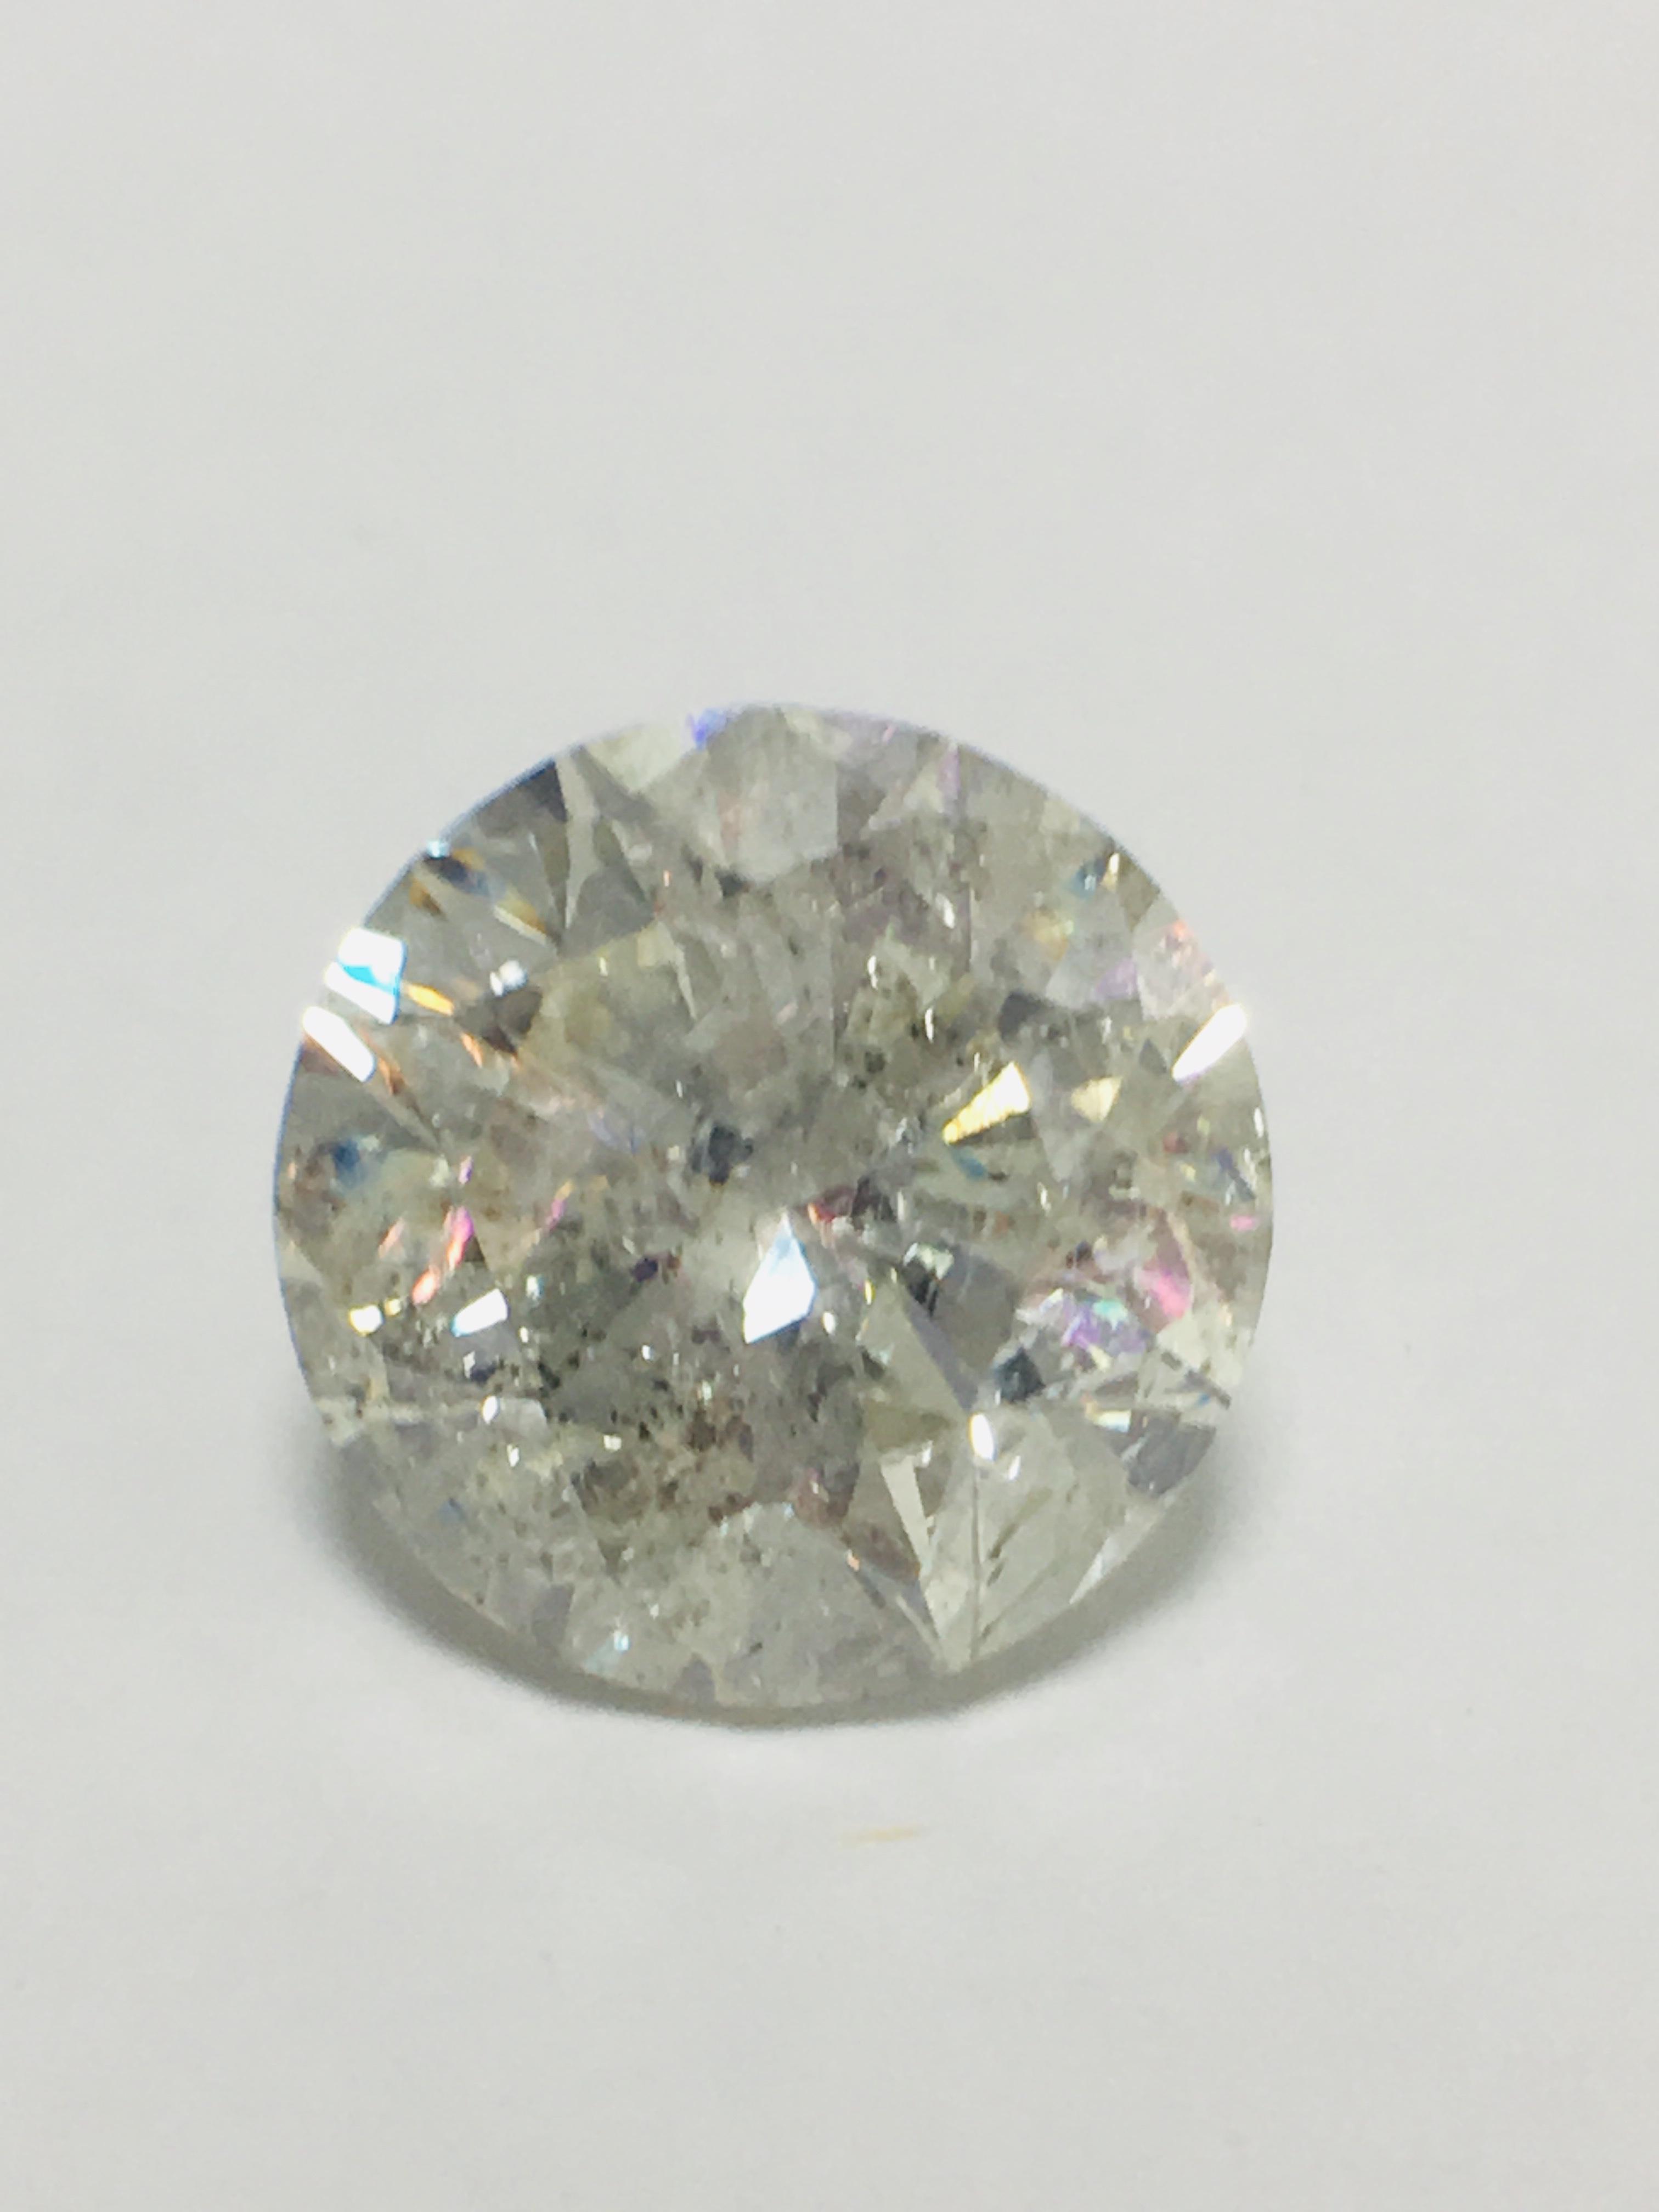 Vente Important Diamonds Auction chez Diamondauctionsonline Ltd - Auction house : 71 lots